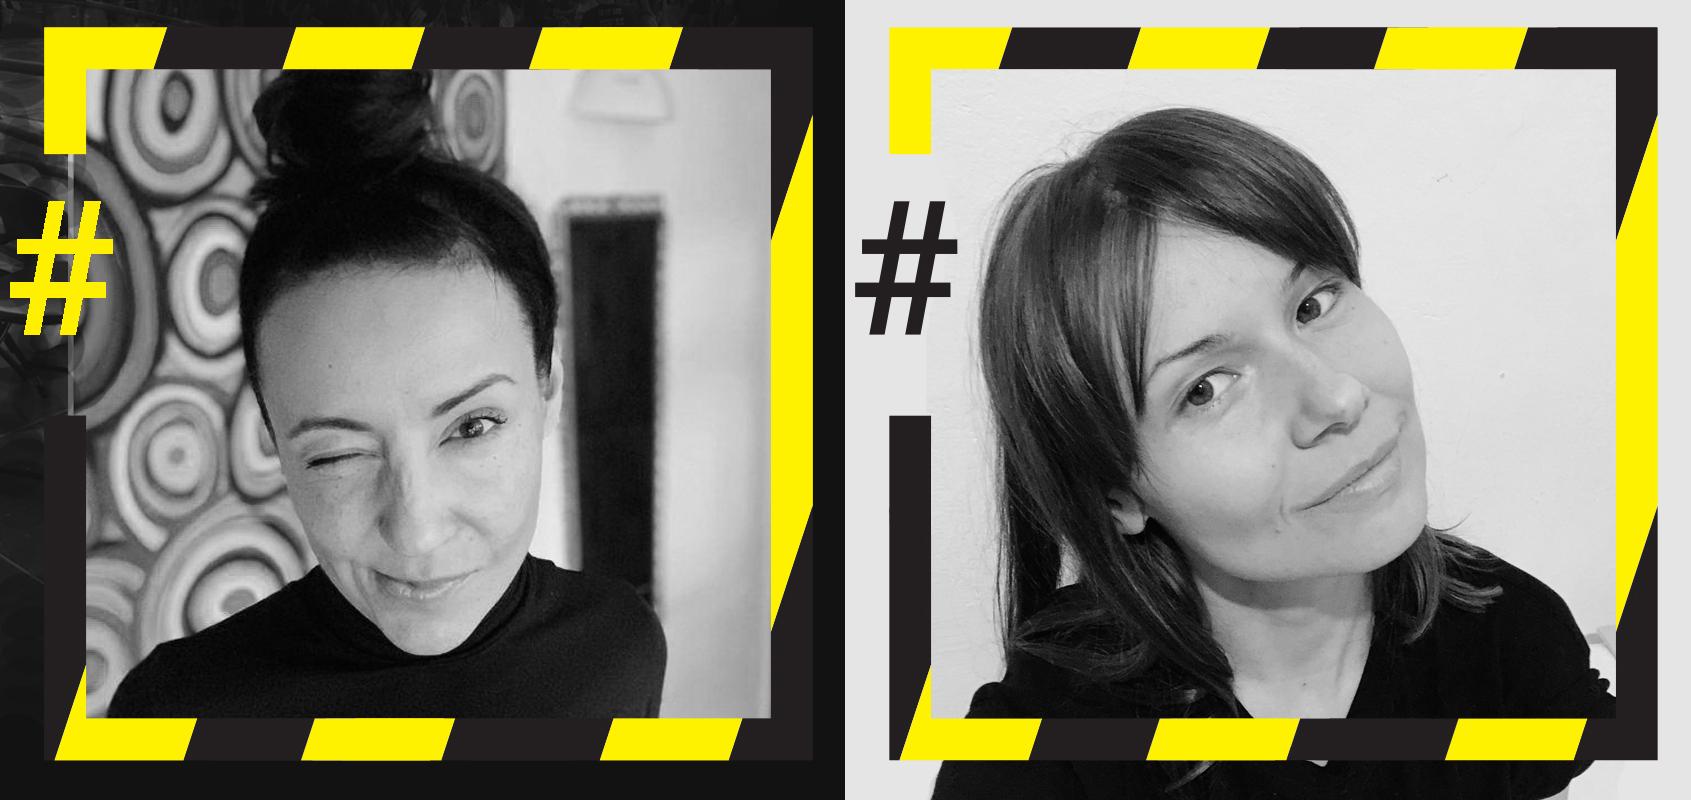 """Dwa czarno-białe zdjęcia dwóch kobiet ułożone obok siebie. Każde ze zdjęć jest w kwadratowej, czarno-żółtej ramce, przypominającej taśmę ostrzegawczą. Z lewej strony każda ramka jest przerwana a w przerwie znajduje się znaczek """"hasztag"""" – na pierwszym zdjęciu żółty, na drugim czarny. Na pierwszym zdjęciu widać kobietę około trzydziestki, z ciemnymi włosami związanymi w kok na czubku głowy i w czarnym golfie. Kobieta uśmiecha się, mrużąc jedno oko. Na zdjęciu jest Agata Etmanowicz. Na drugim zdjęciu młoda kobieta z grzywką zaczesaną na boki i prostymi włosami do ramion. Jej twarz odwrócona jest pod kątem ale kobieta patrzy w obiektyw, delikatnie się uśmiecha. Na zdjęciu jest Justyna Kieruzalska."""